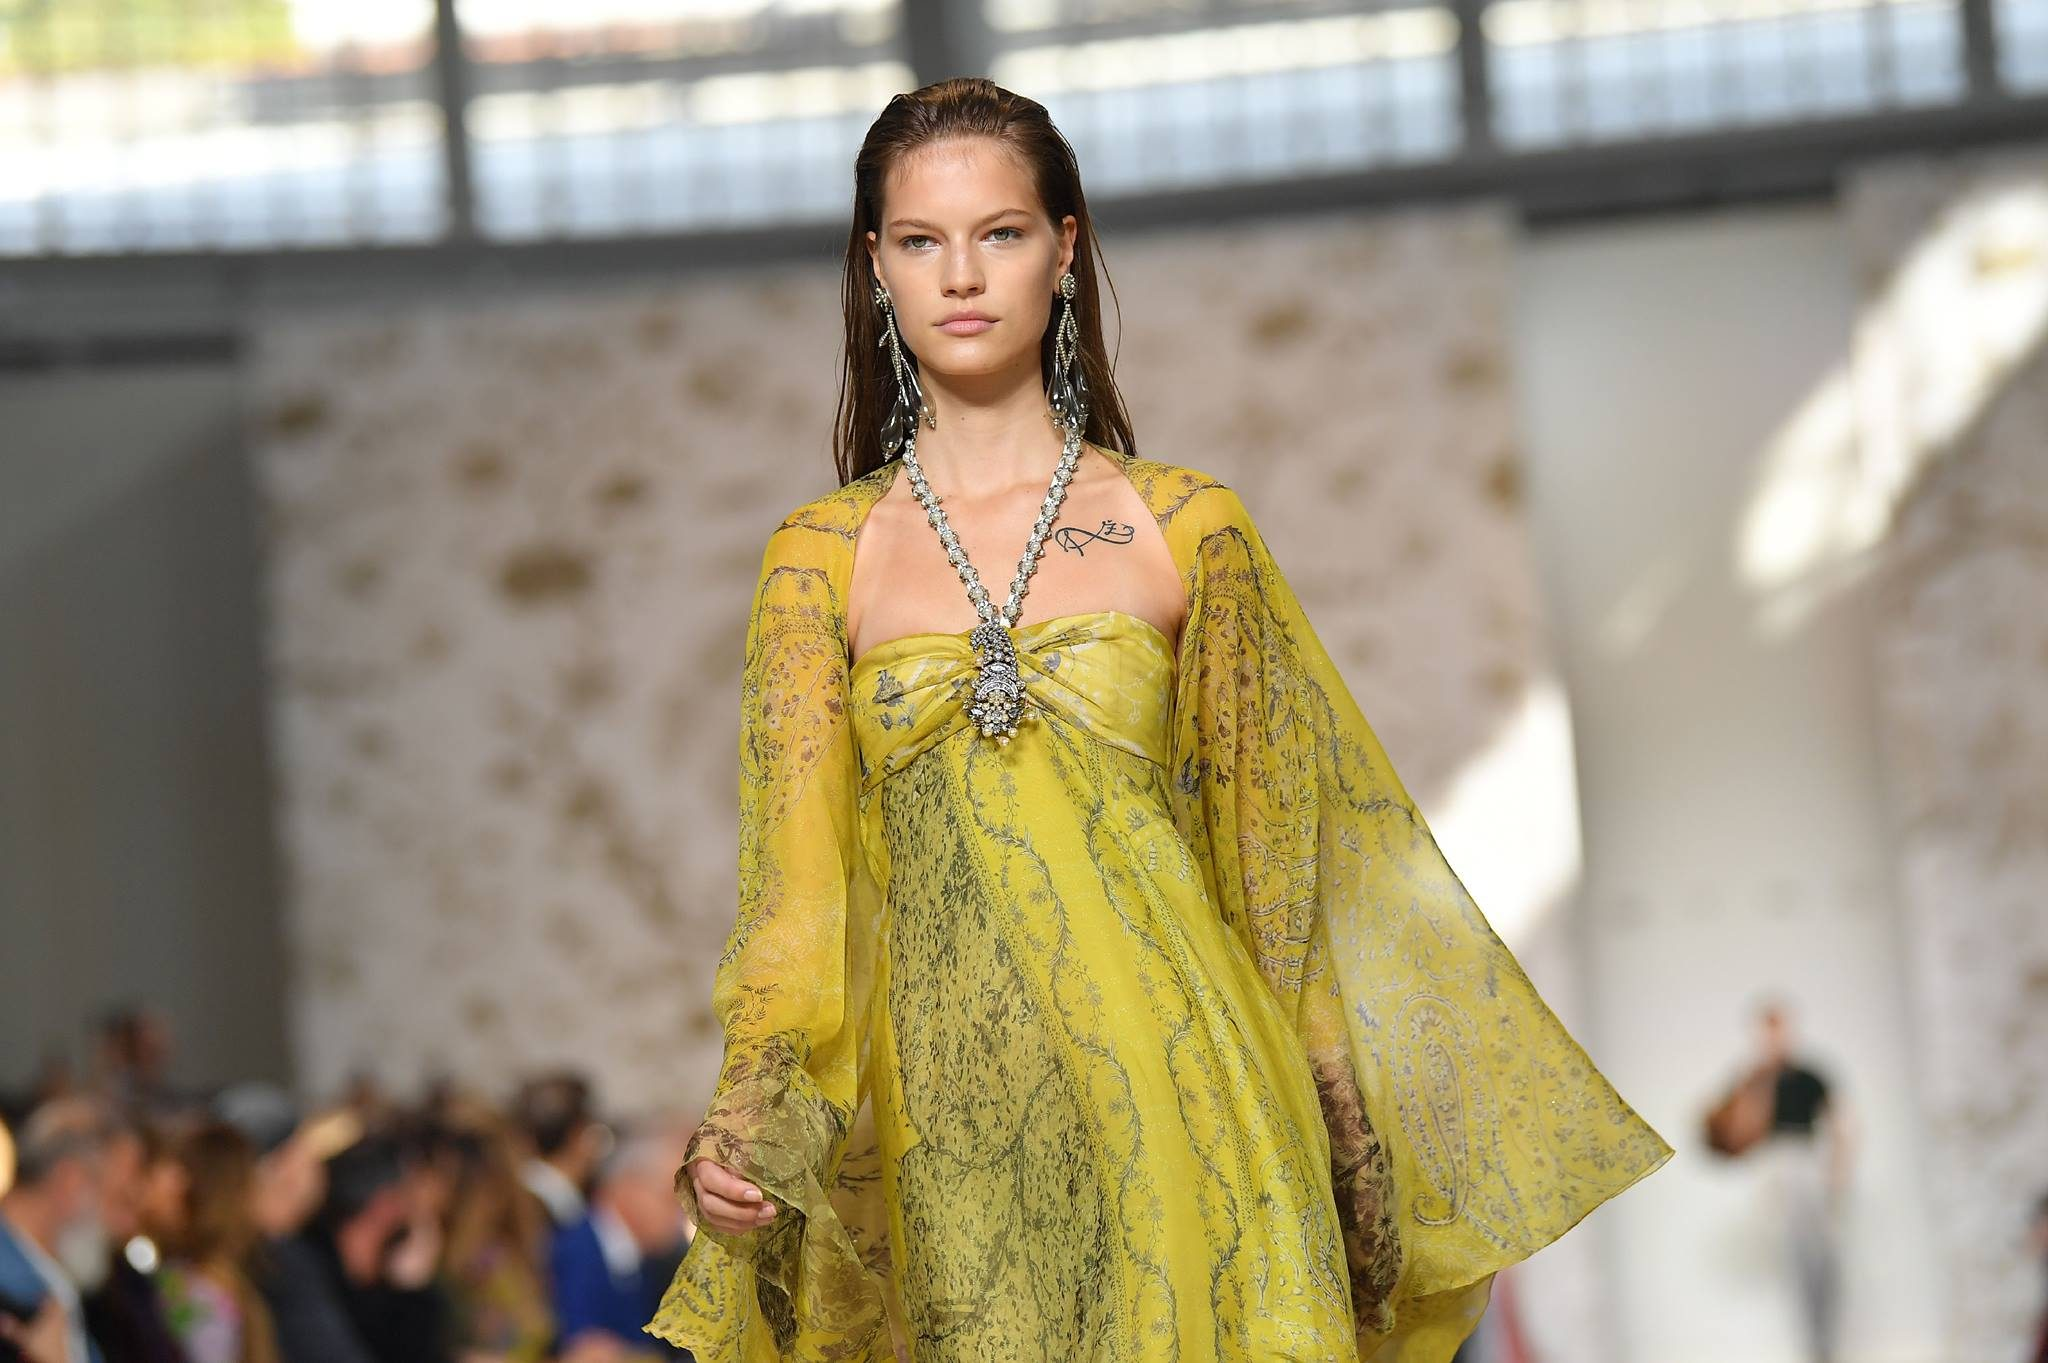 Milano moda donna le novit il calendario e gli eventi for Fashion week milano 2018